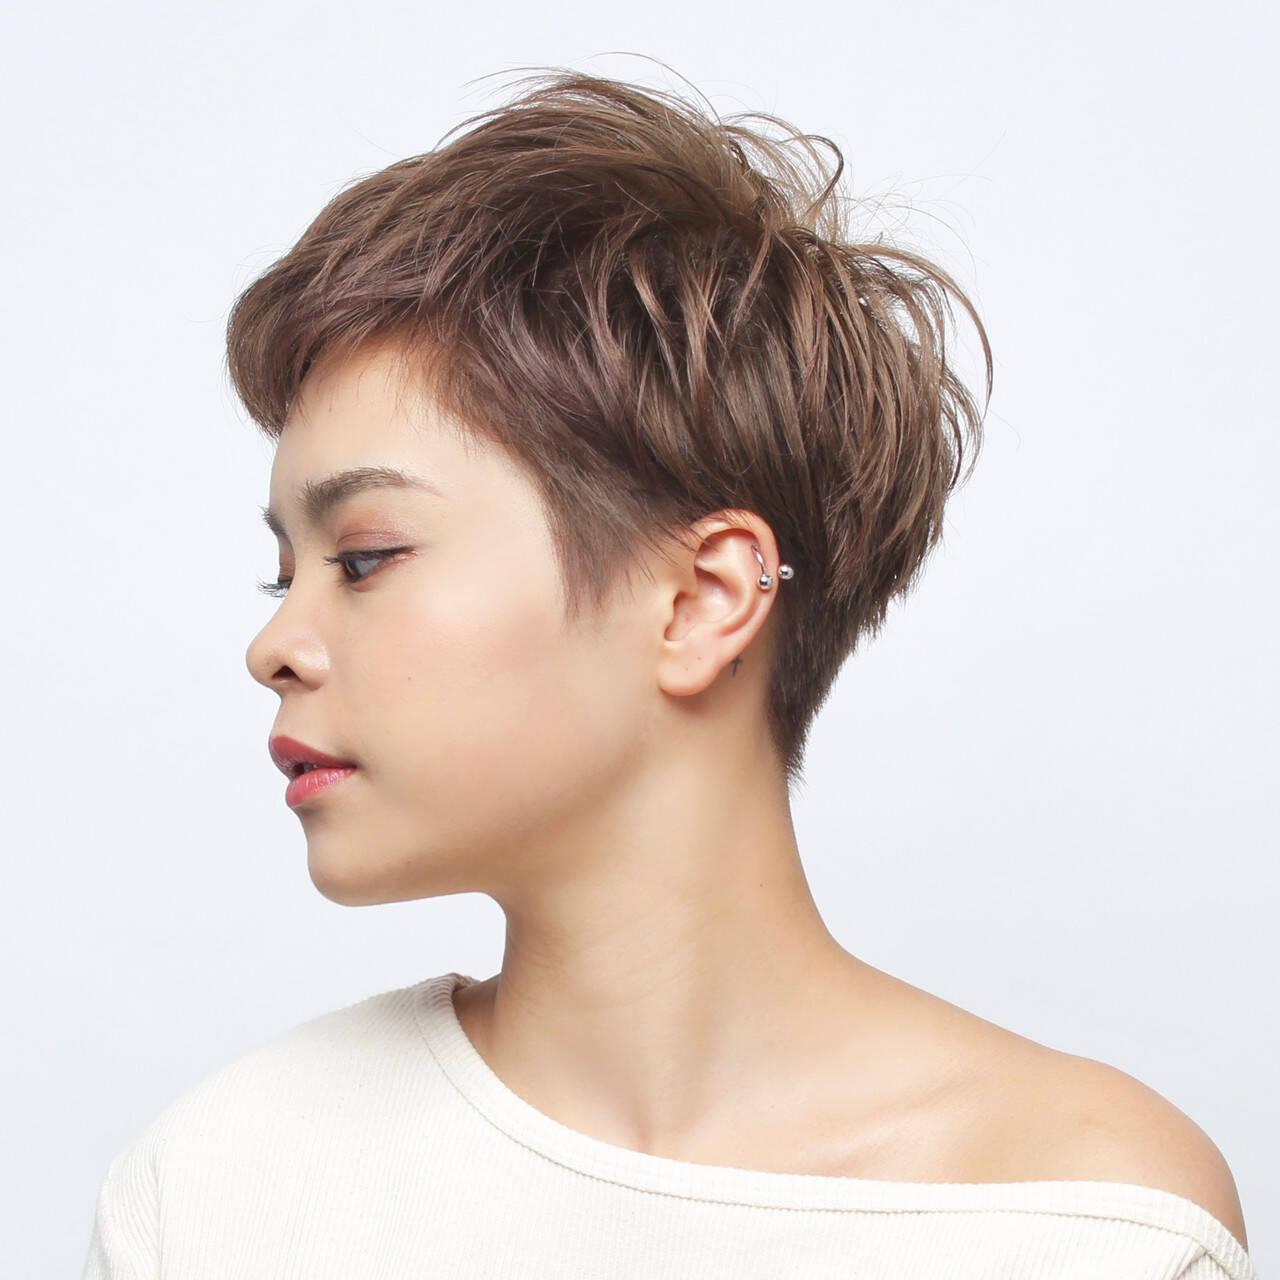 アウトドア ショート ナチュラル スポーツヘアスタイルや髪型の写真・画像